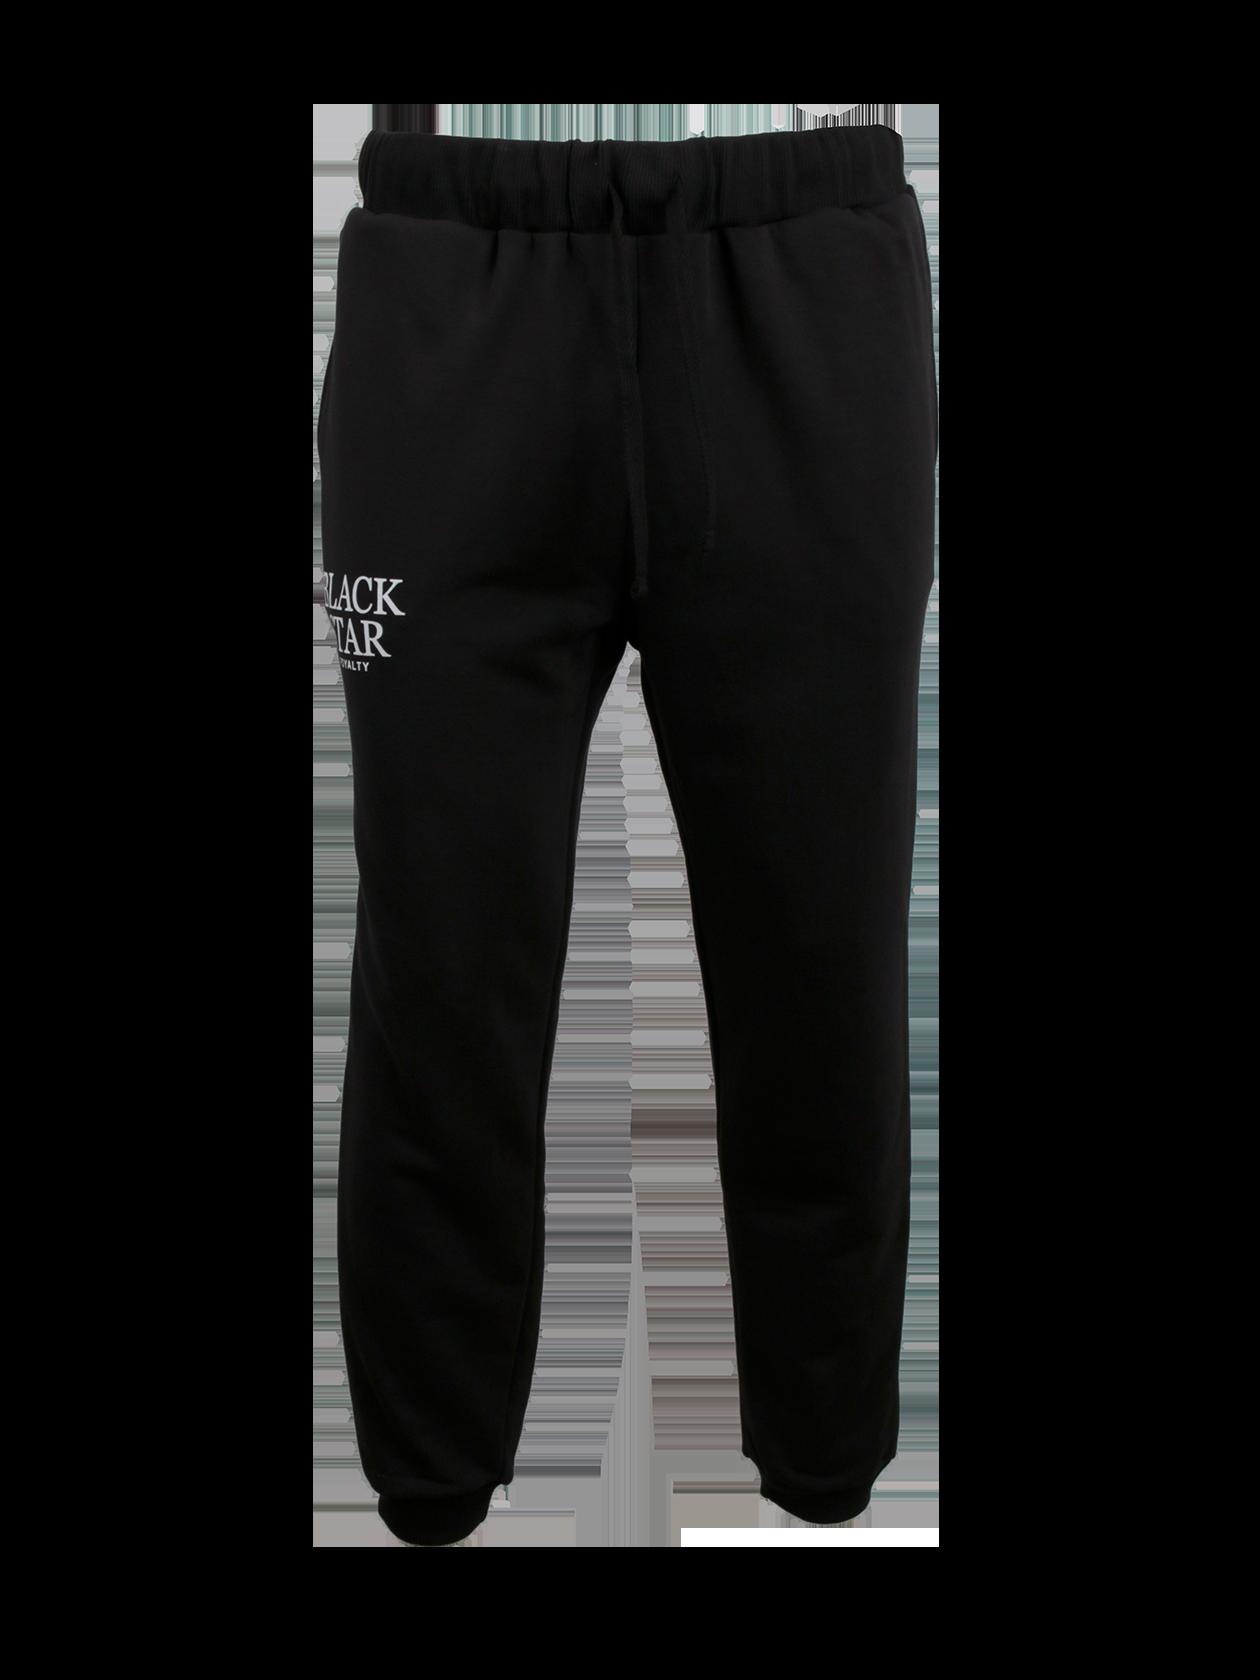 Брюки мужские BLACK STAR ROYALTYПрактичные брюки мужские Black Star Royalty из коллекции BSW – идеальное решение для создания стиля на каждый день. Модель удобного кроя, прямого силуэта с зауженным низом. Голенище оформлено широкой брендированной резинкой. На поясе завязки. Базовая черная расцветка, лаконичный дизайн. Натуральный хлопок премиального качества обеспечивает максимальный комфорт при движении. Декоративный элемент – надпись Black Star Royalty на правой штанине.<br><br>Размер: XS<br>Цвет: Черный<br>Пол: Мужской